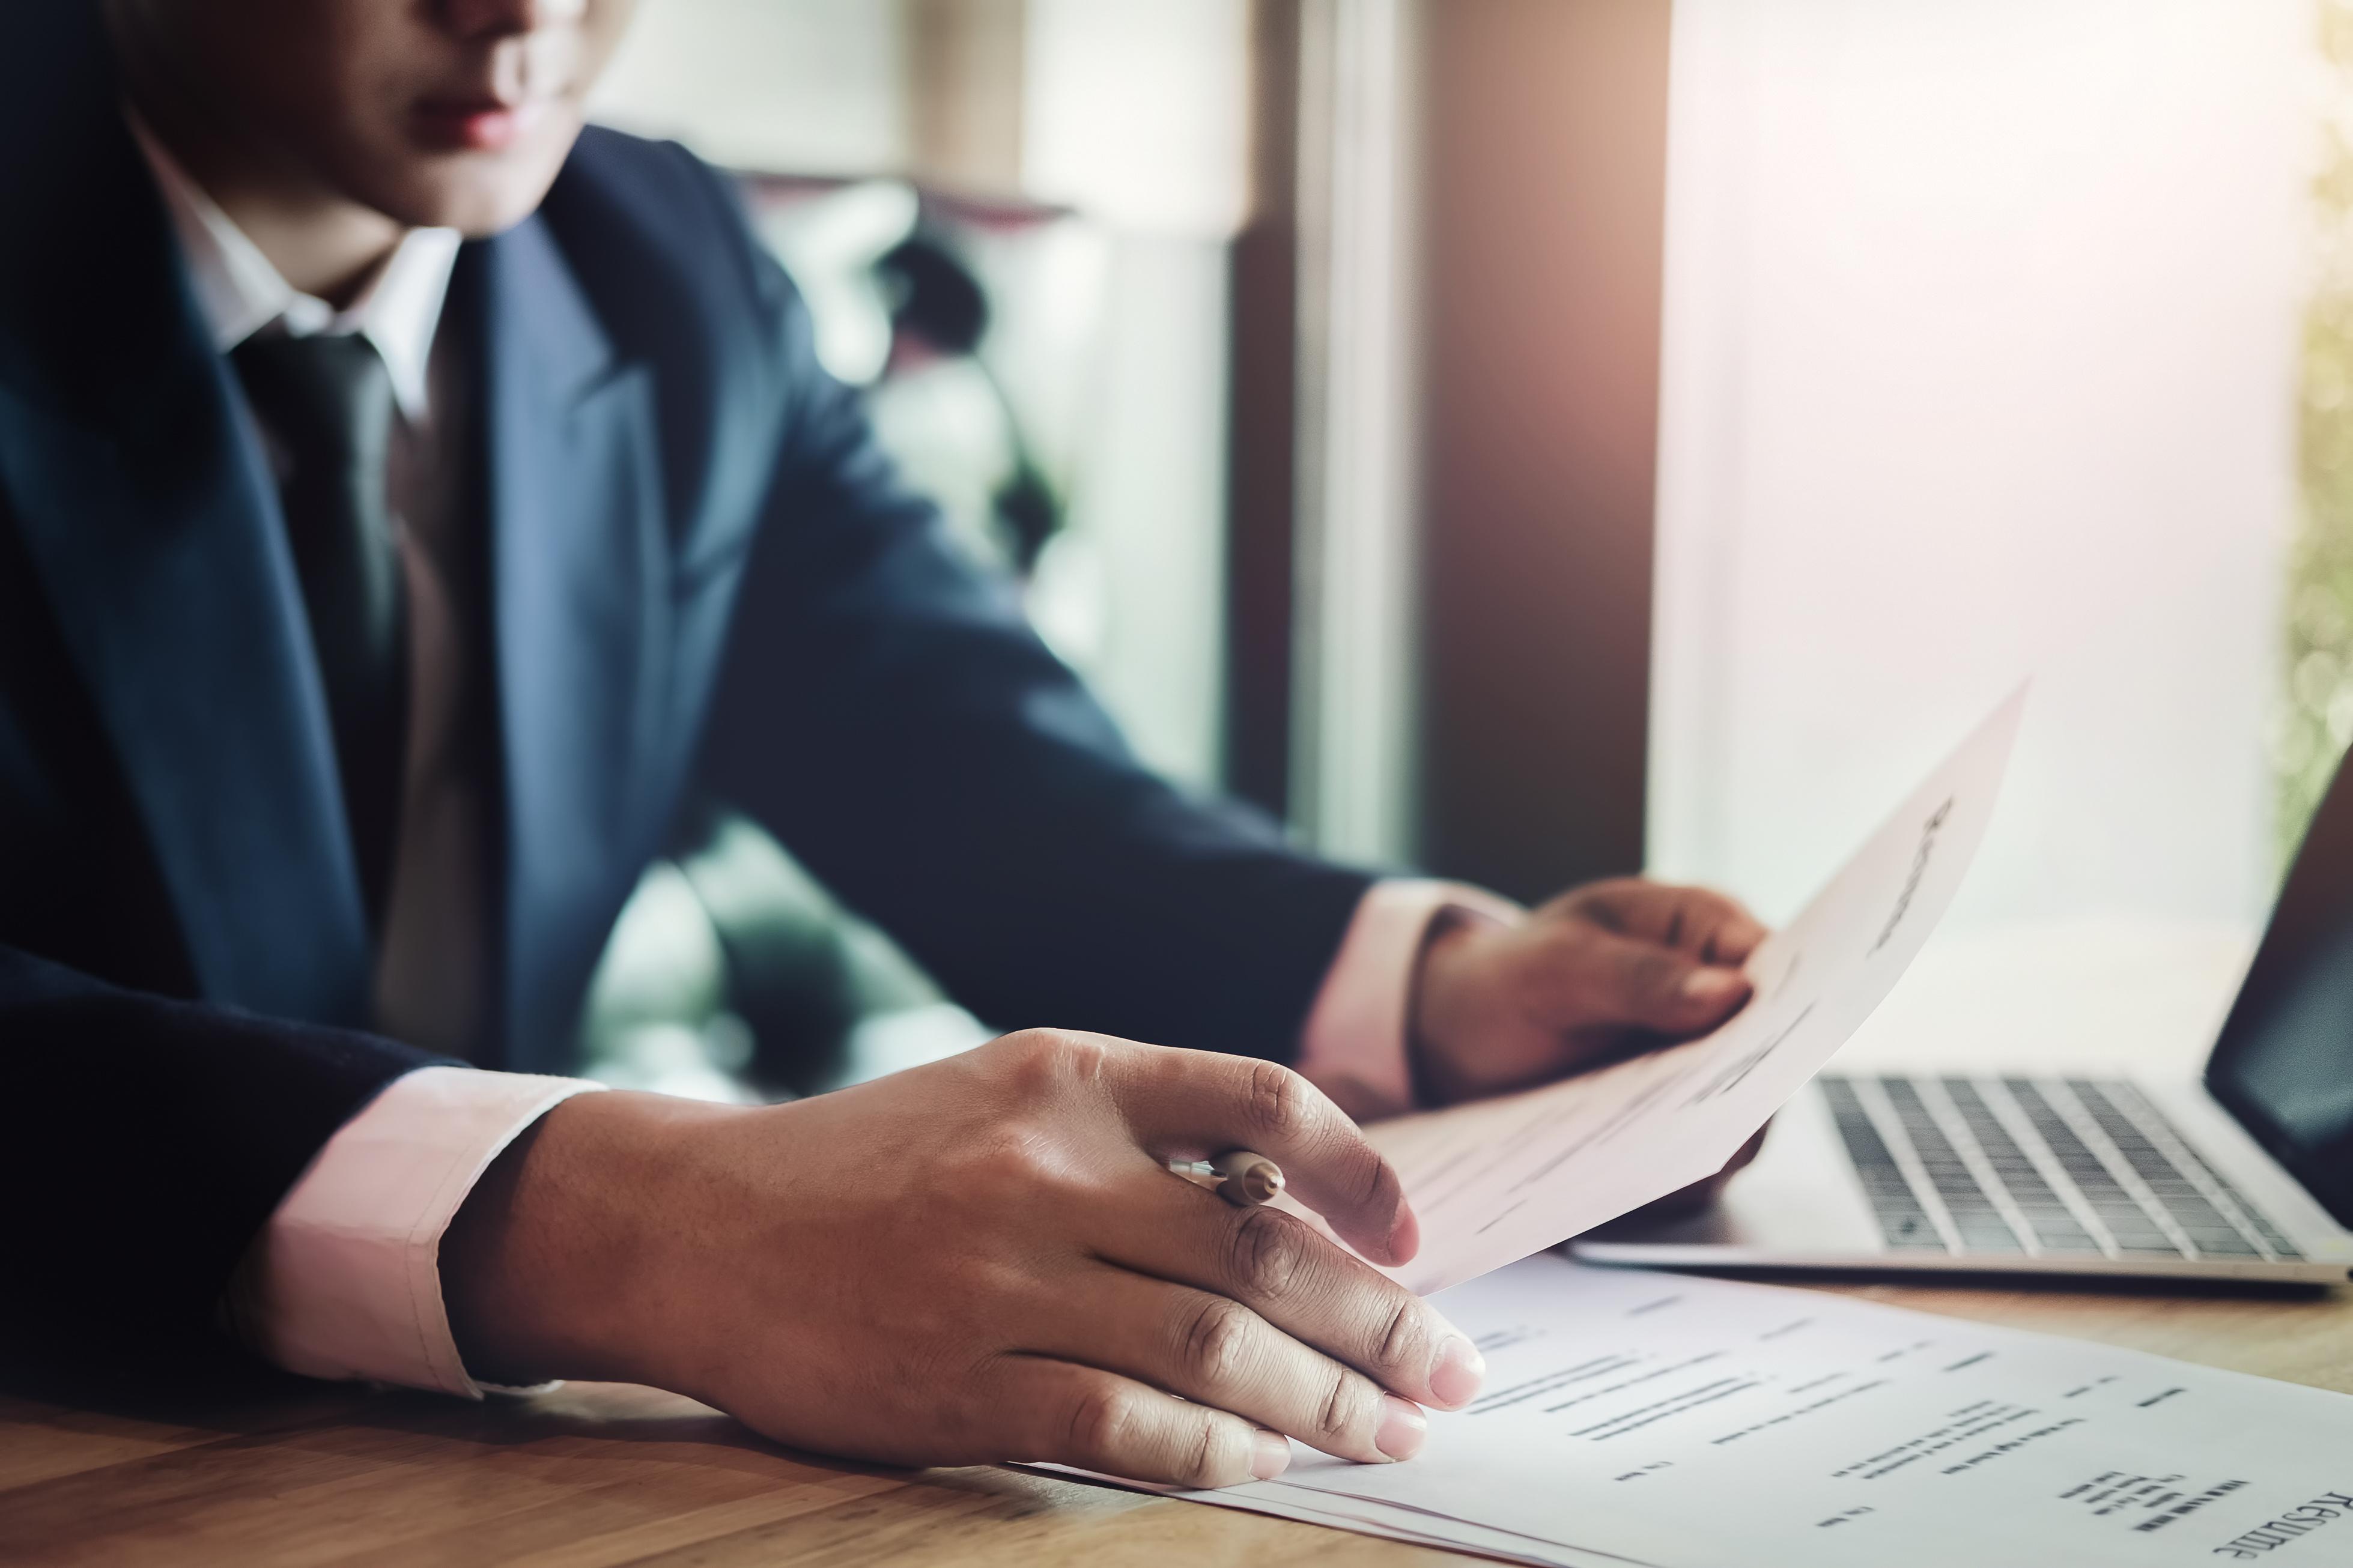 Form I-9 Employment Eligibility Verification And E-Verify regarding I-9 Form 2020